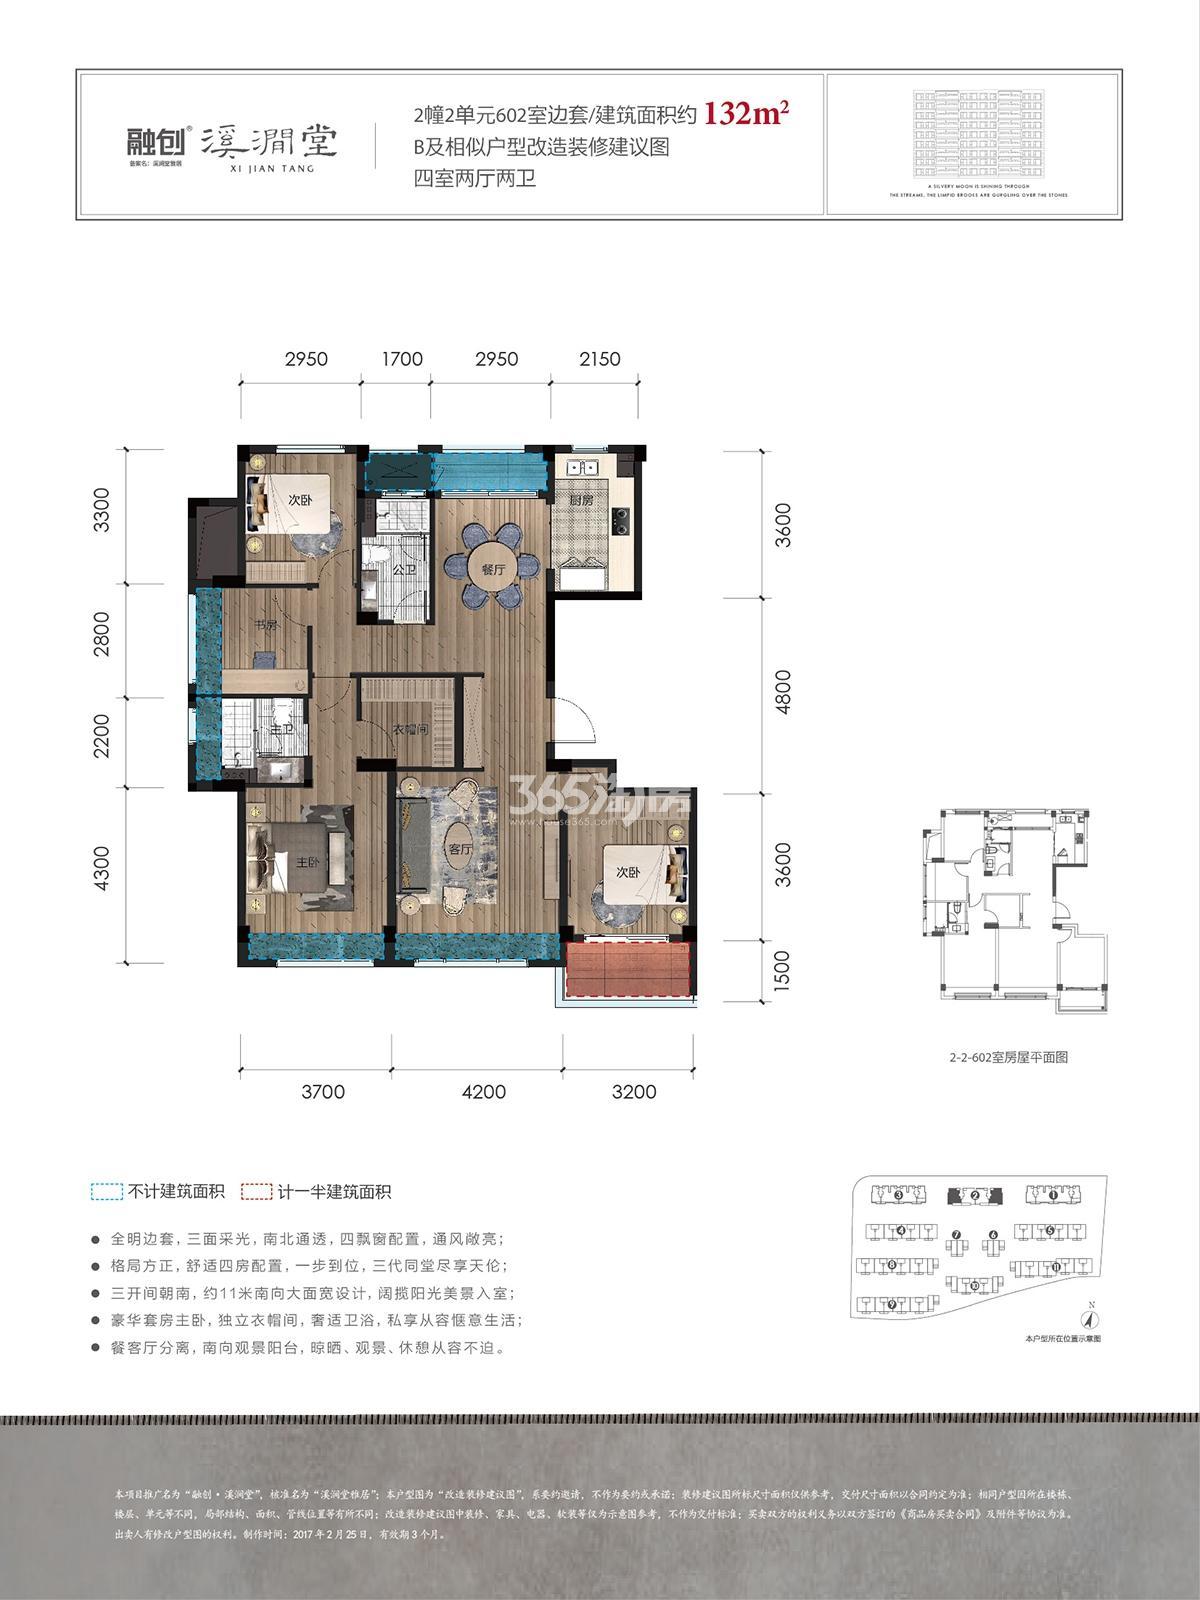 融创溪涧堂2号楼B户型132方户型图